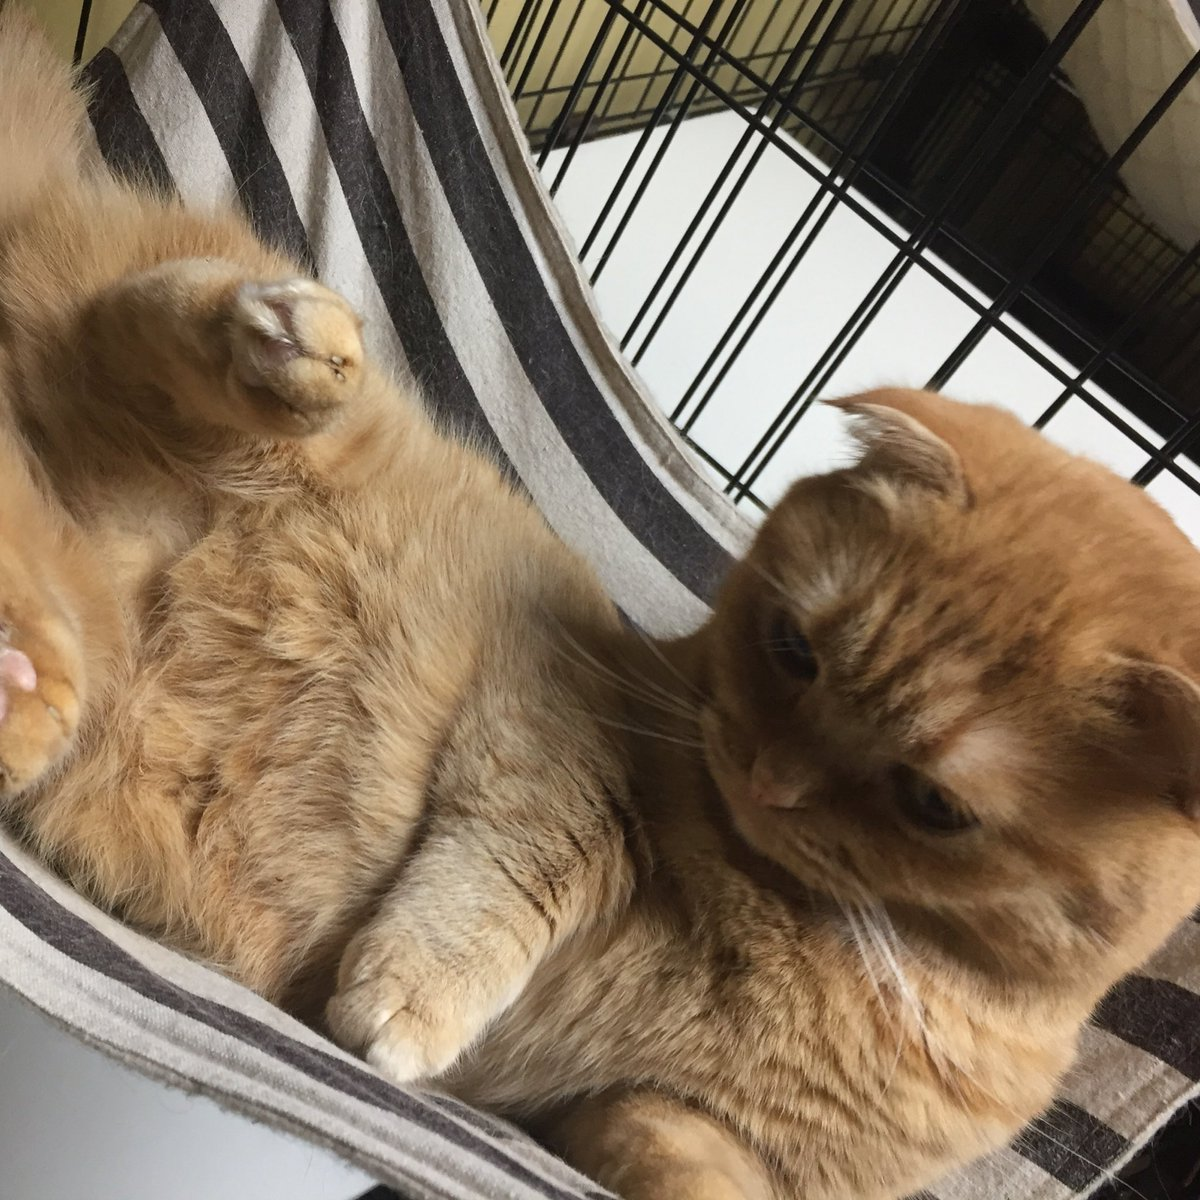 ウニちゃんハンモックで寝っ転がってお休みの日をご機嫌に満喫しています。好きなのよね、ハンモック。